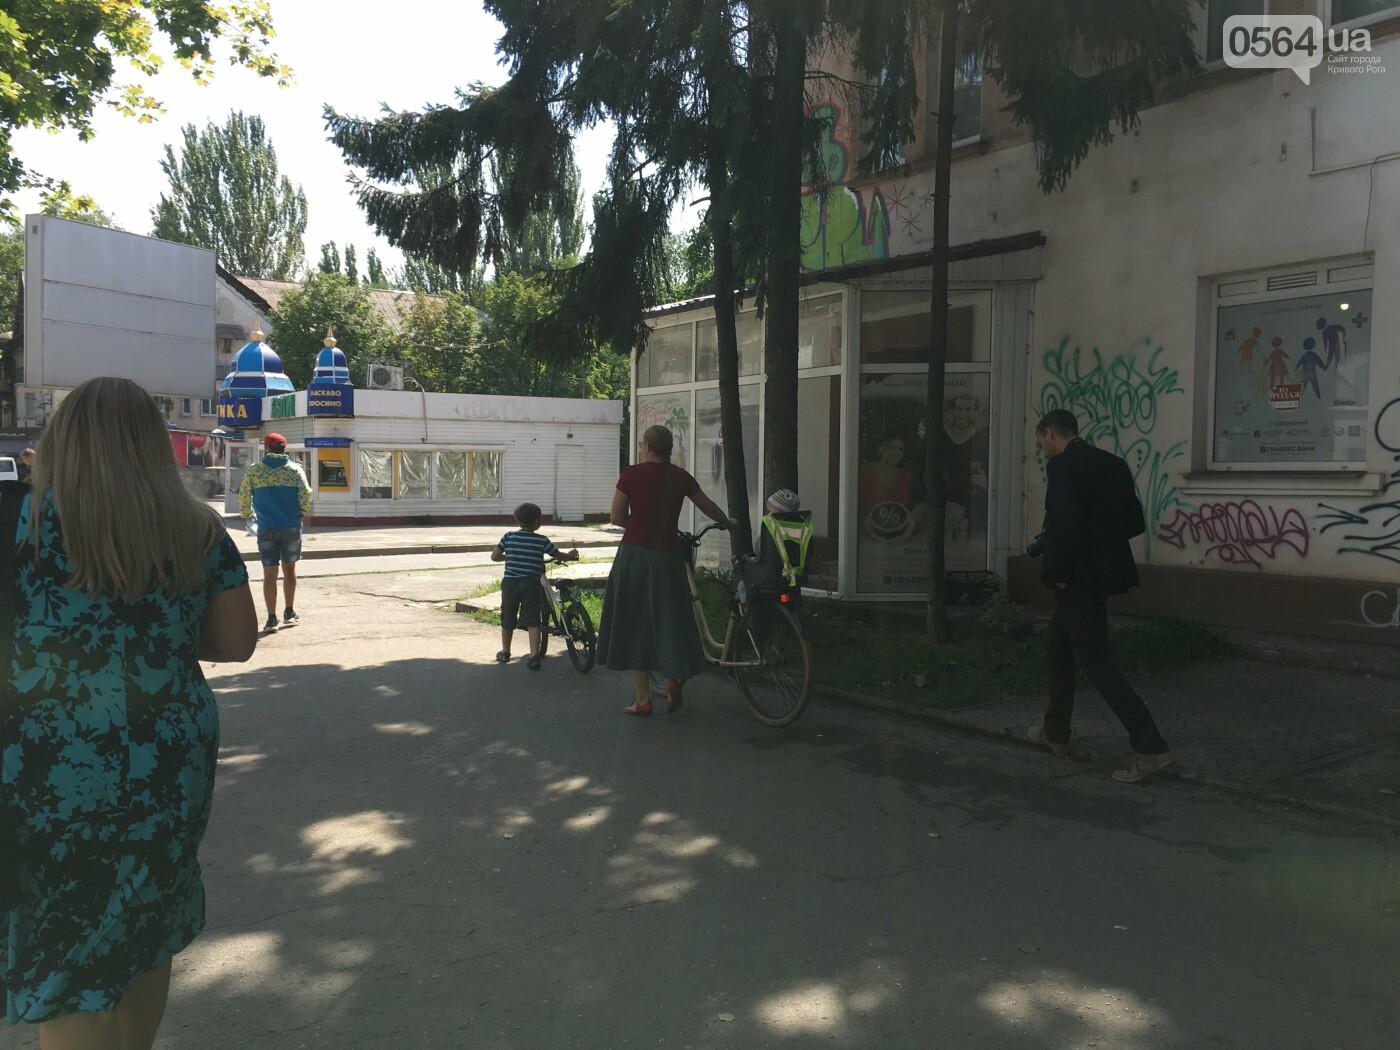 В центре Кривого Рога даже аптеки недоступны для людей с инвалидностью, - ФОТО, ВИДЕО, фото-12